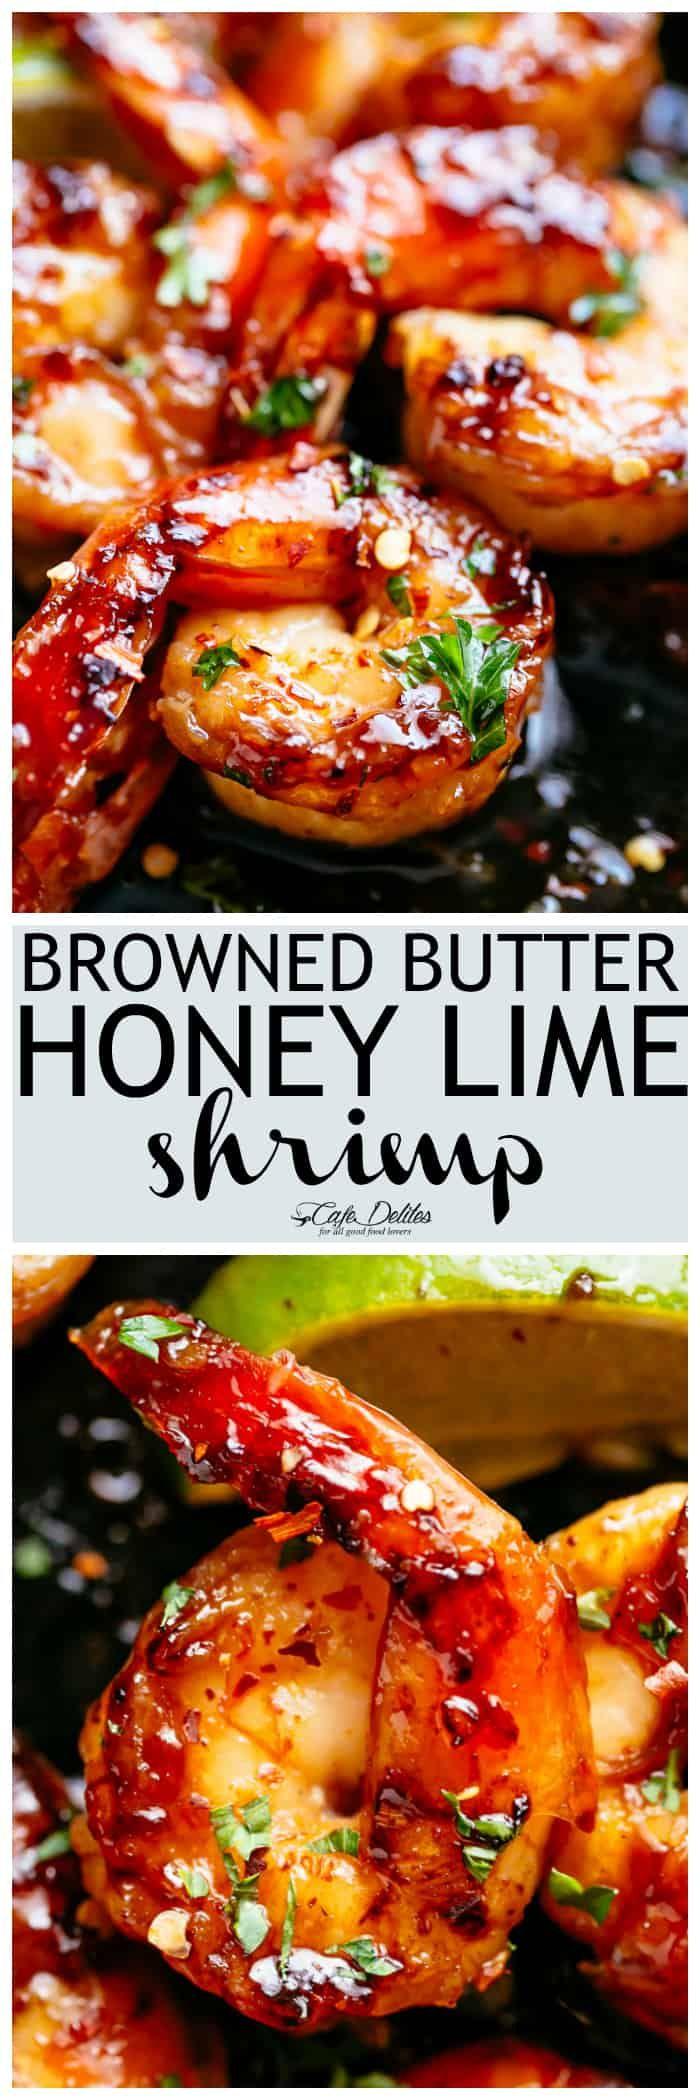 Photo of Browned Butter Honey Lime Shrimp – Cafe Delites